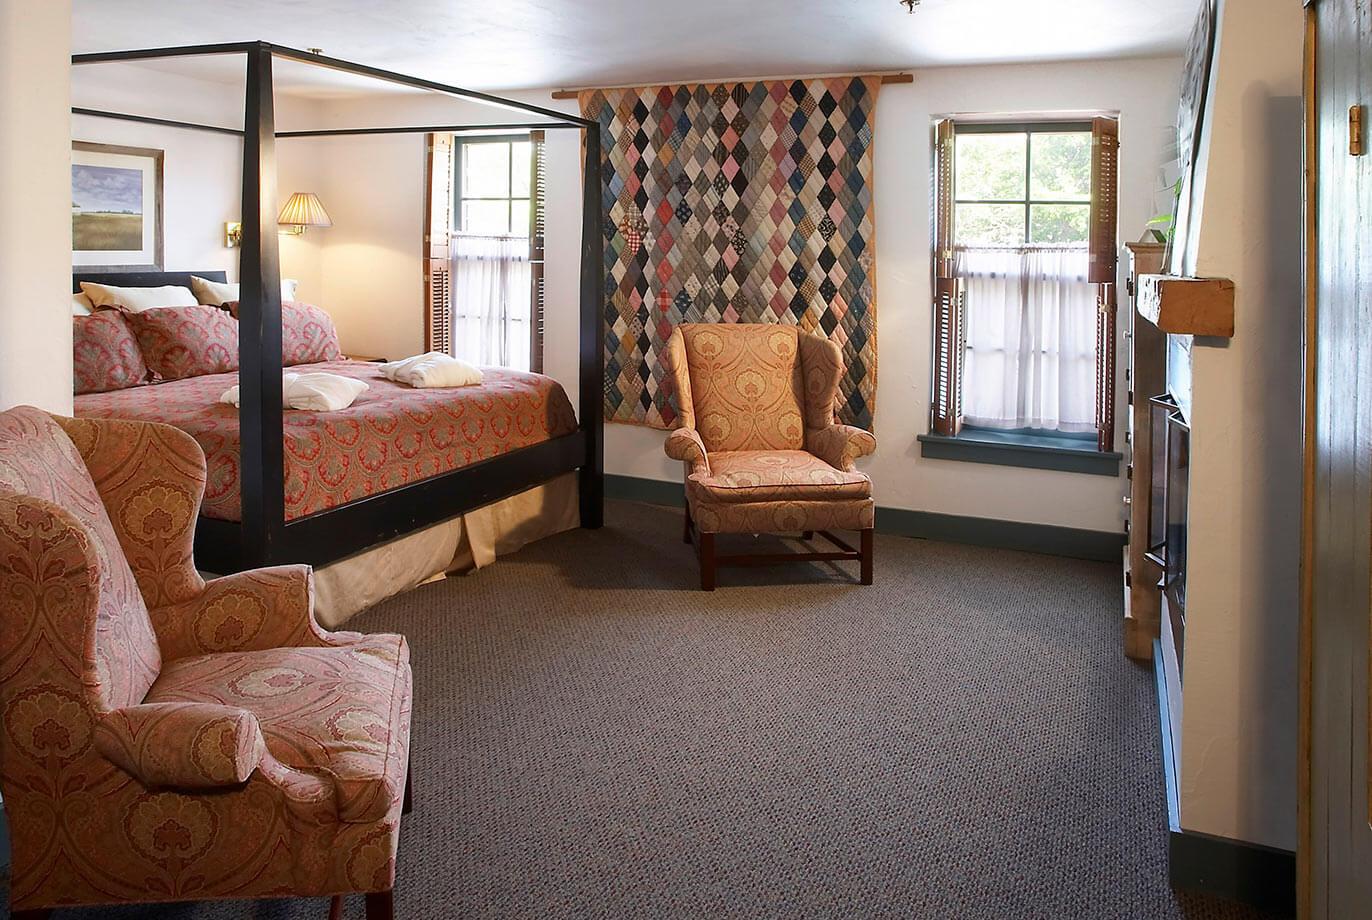 Room 220 - Mary A. Gannon